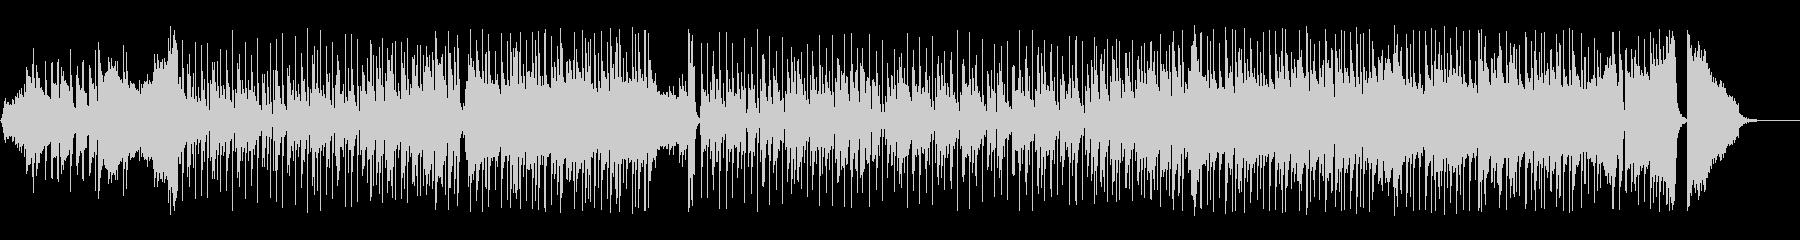 ナレーションのBGMに最適なピアノポップの未再生の波形